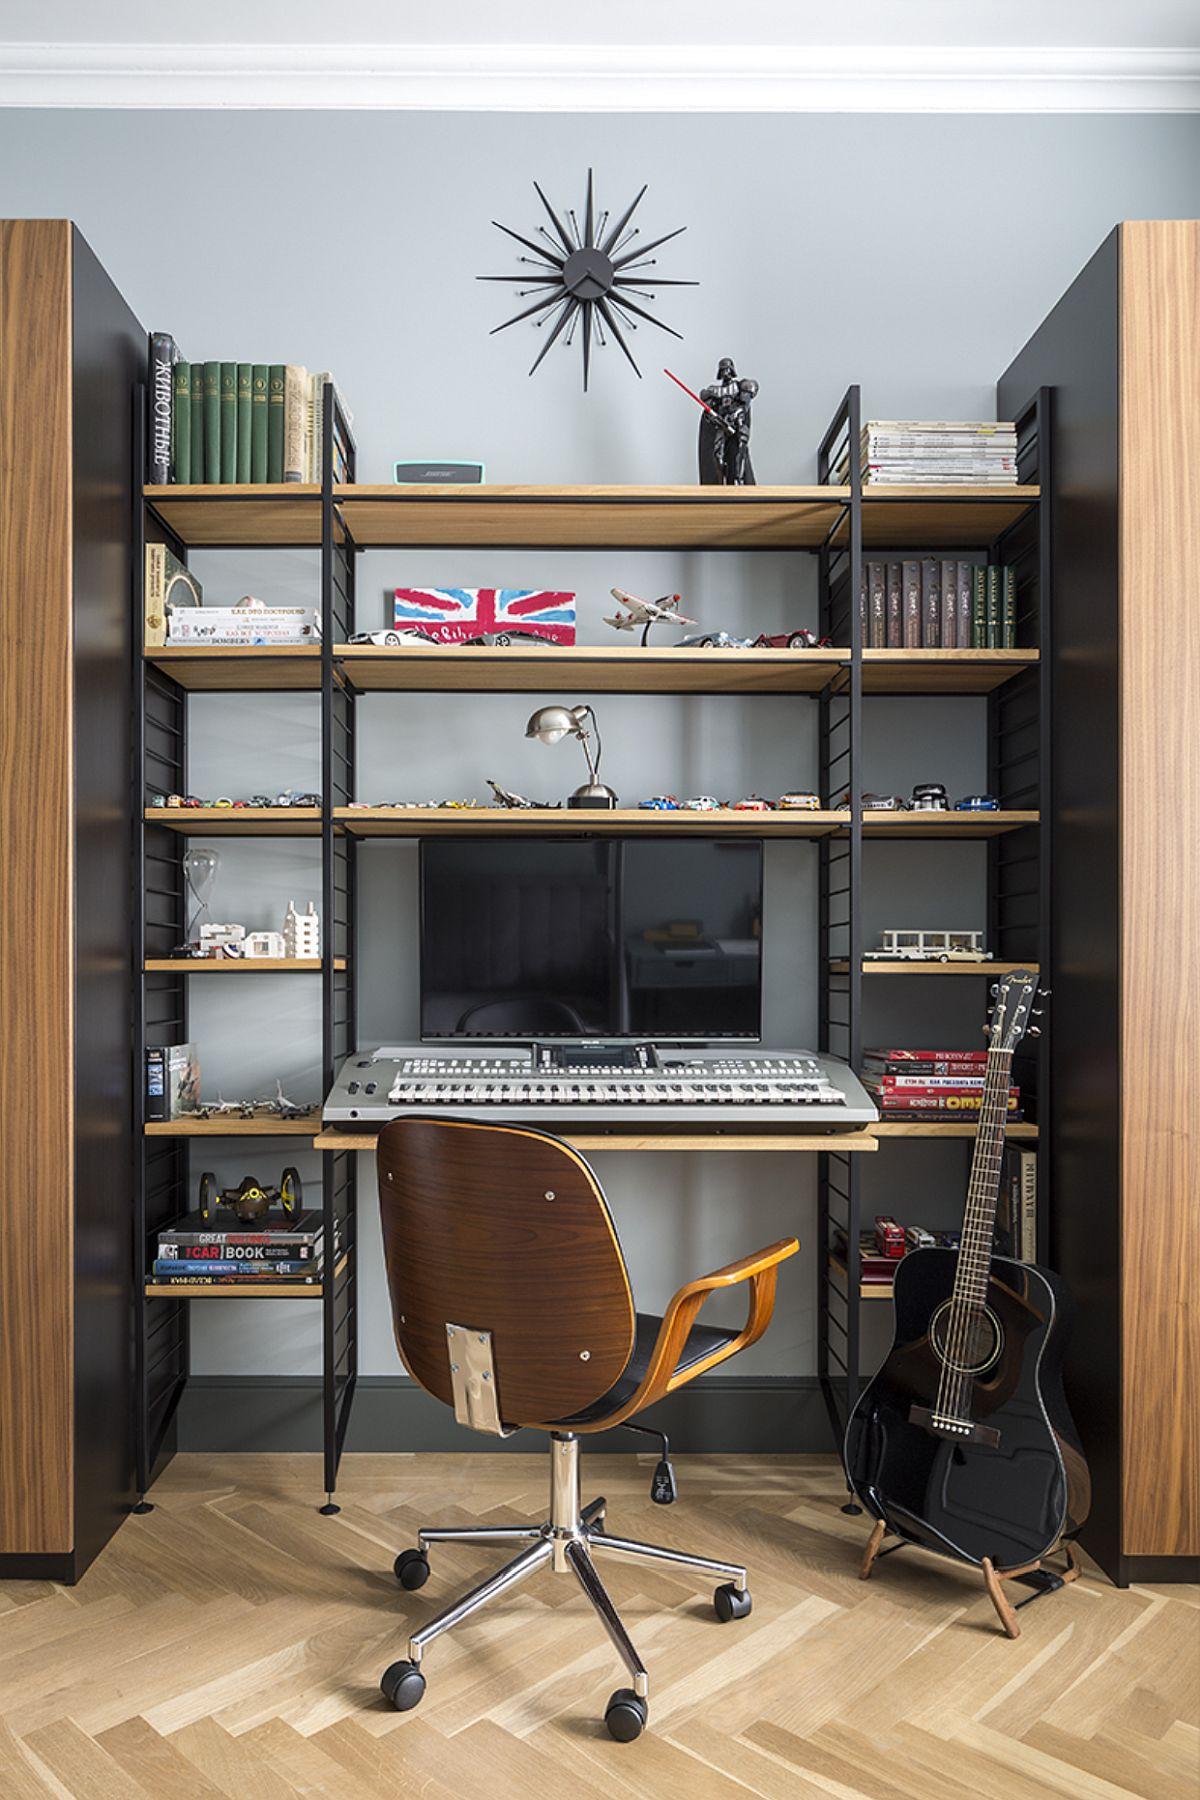 În jurul biroului există spații de depozitare suficiente configurate sub formă de rafturi. Mobila a fost realizată pe comandă pentru a se încadra perfect în spațiul disponibil.